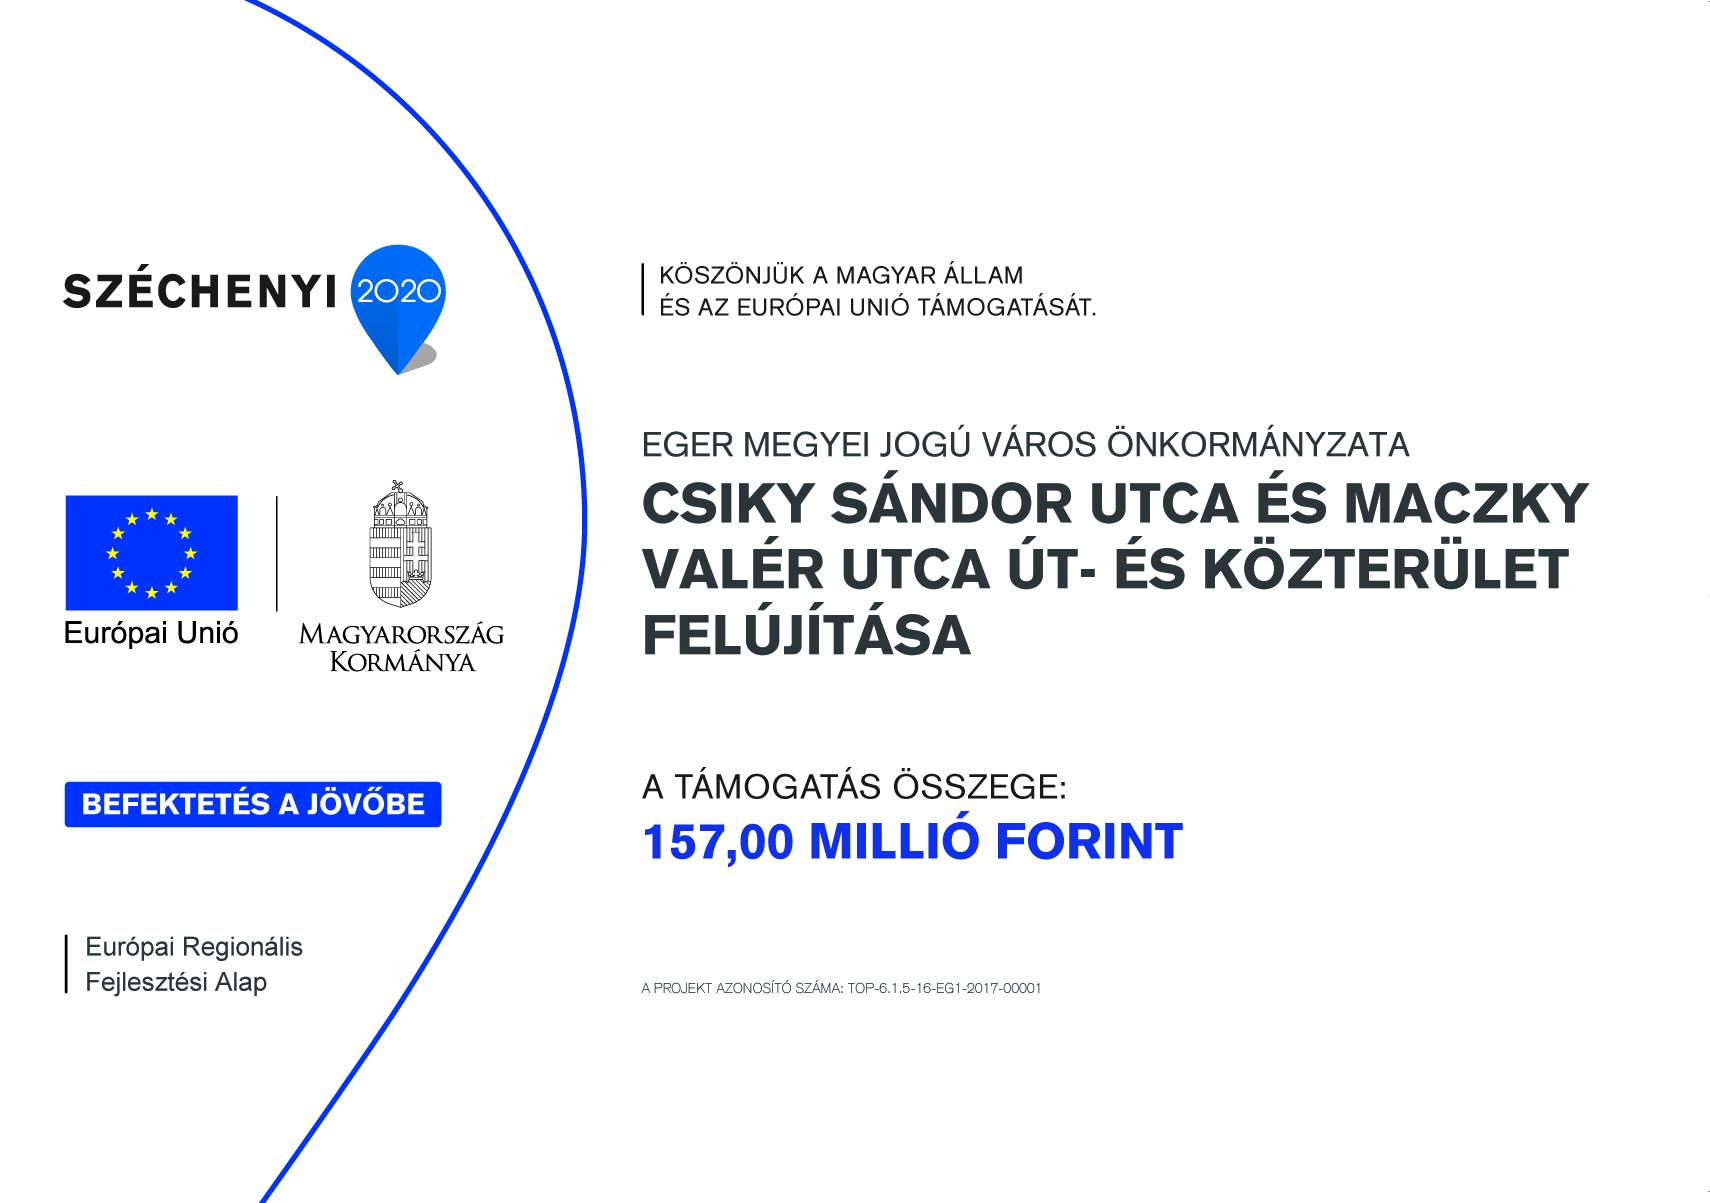 Csiky Sándor utca és Maczky Valér utca út- és közterület felújítása